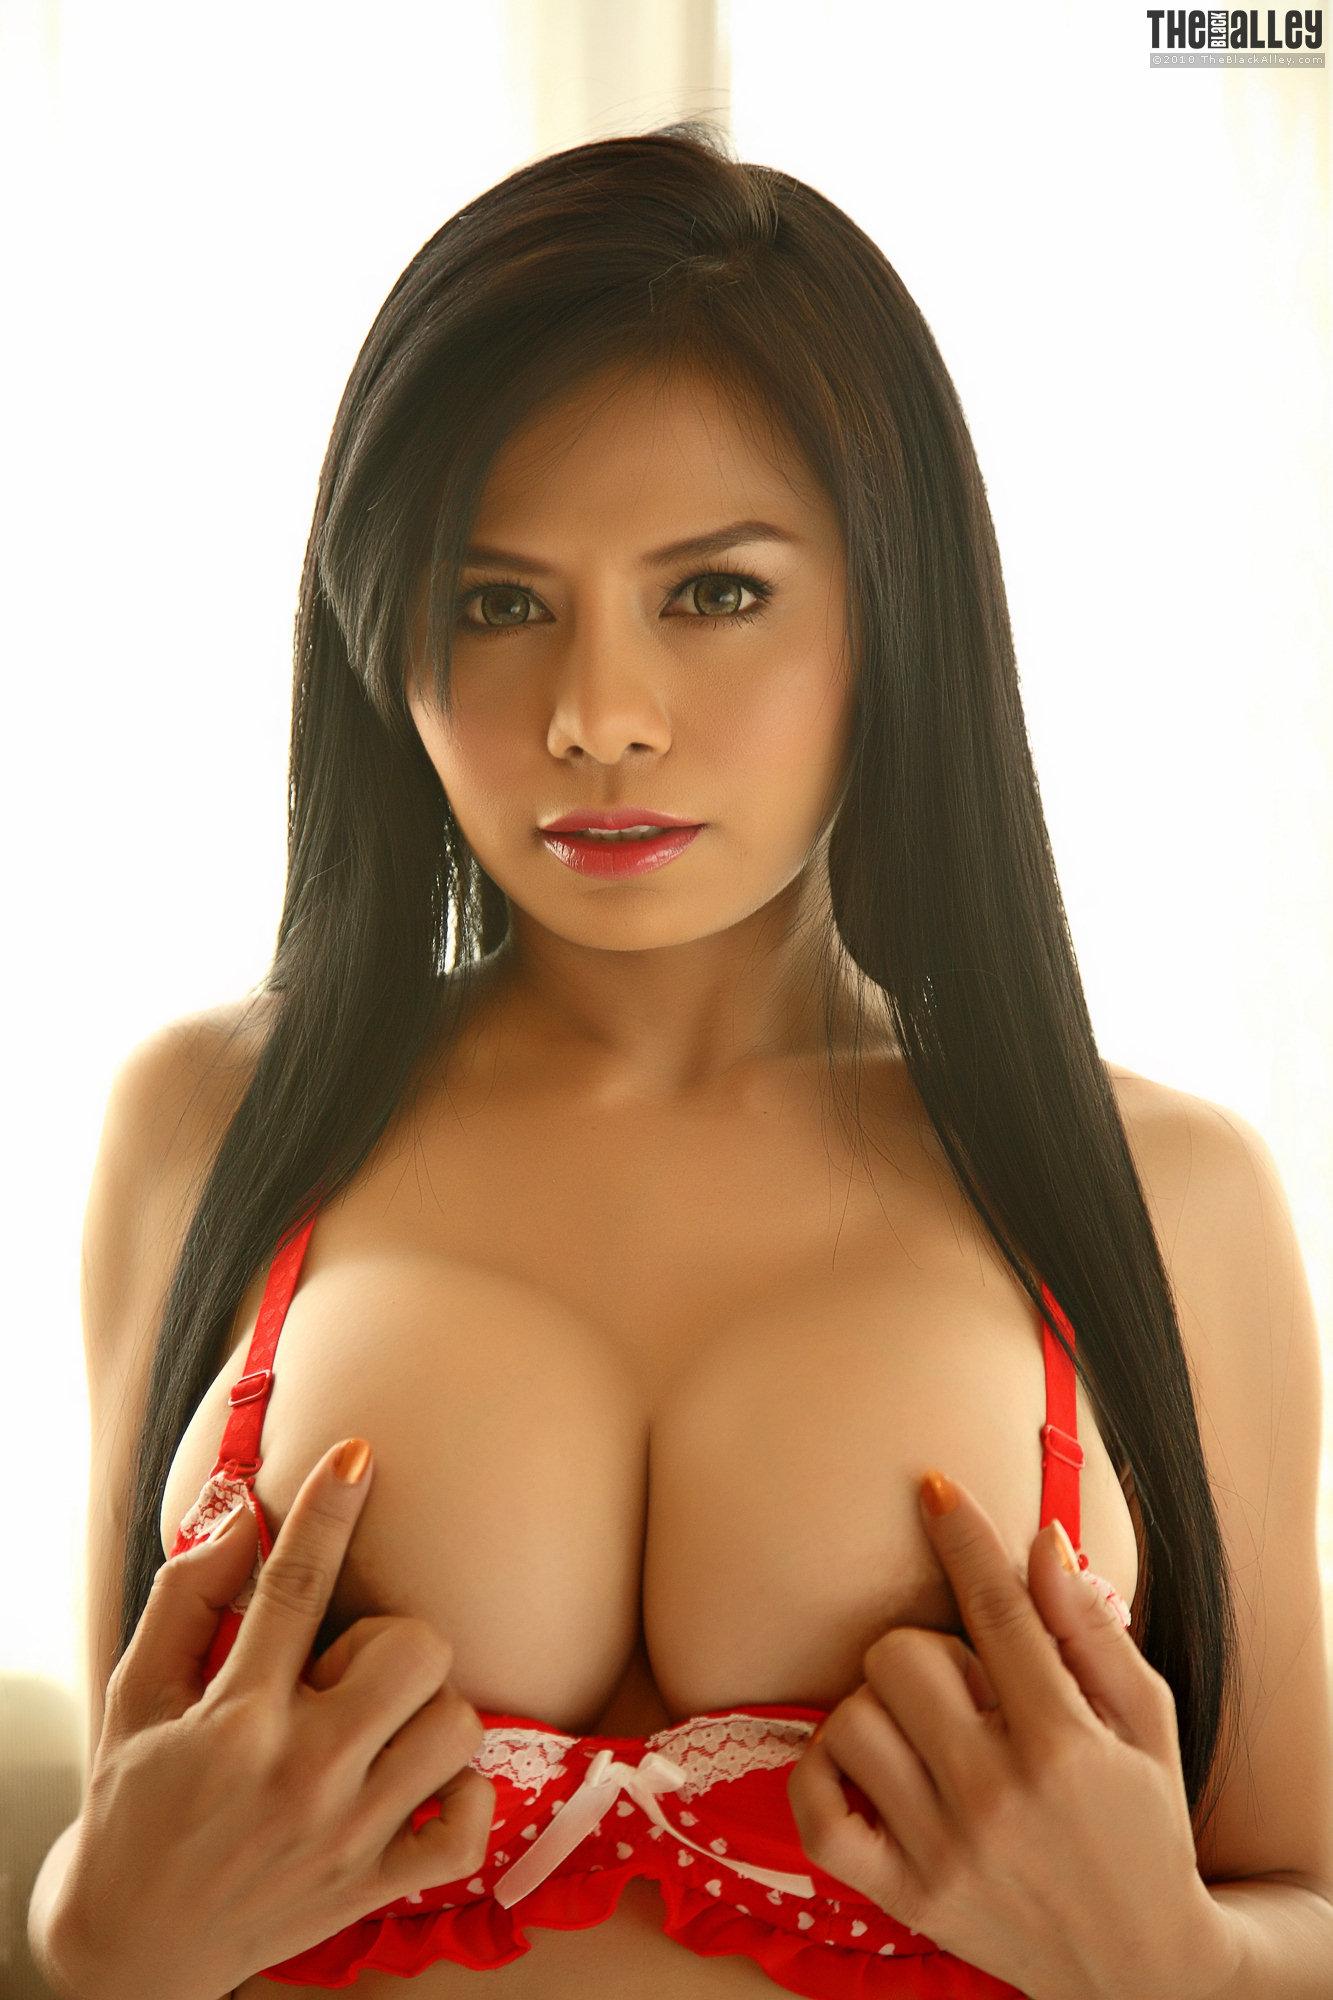 Big tits nude girl boobs suzana